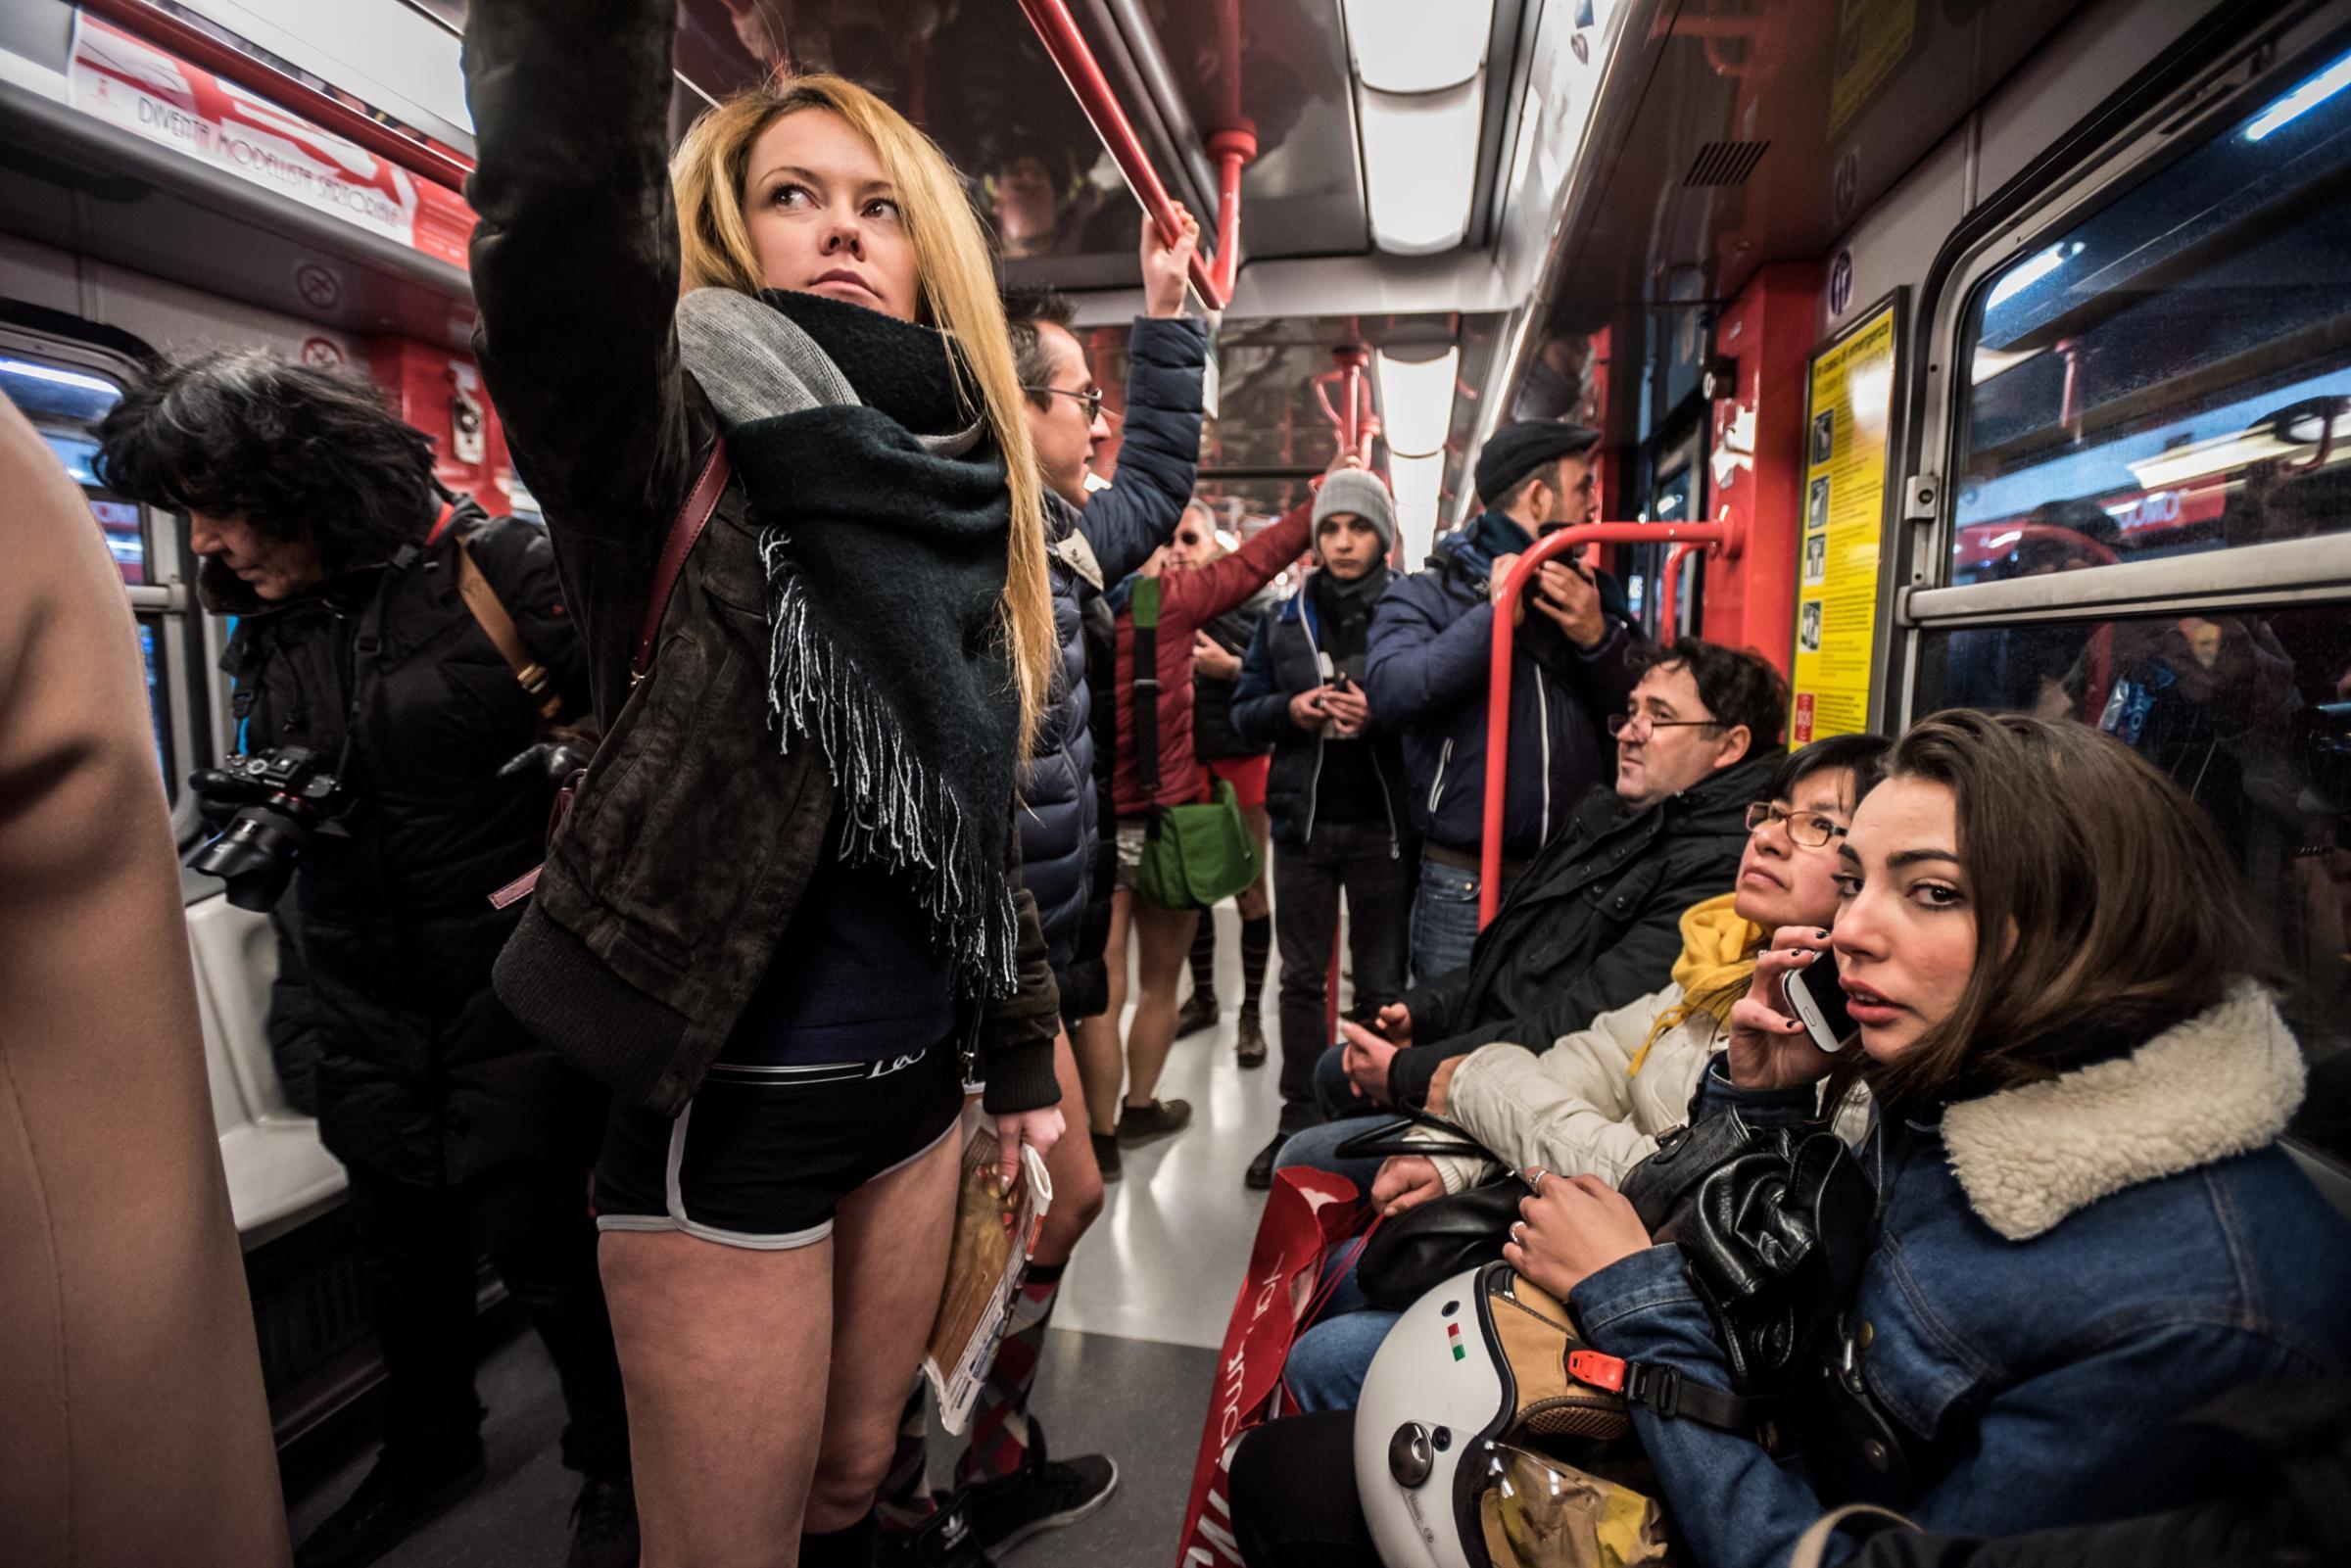 No pants day: a Milano, Londra e Vancouver tutti in metro in mutande